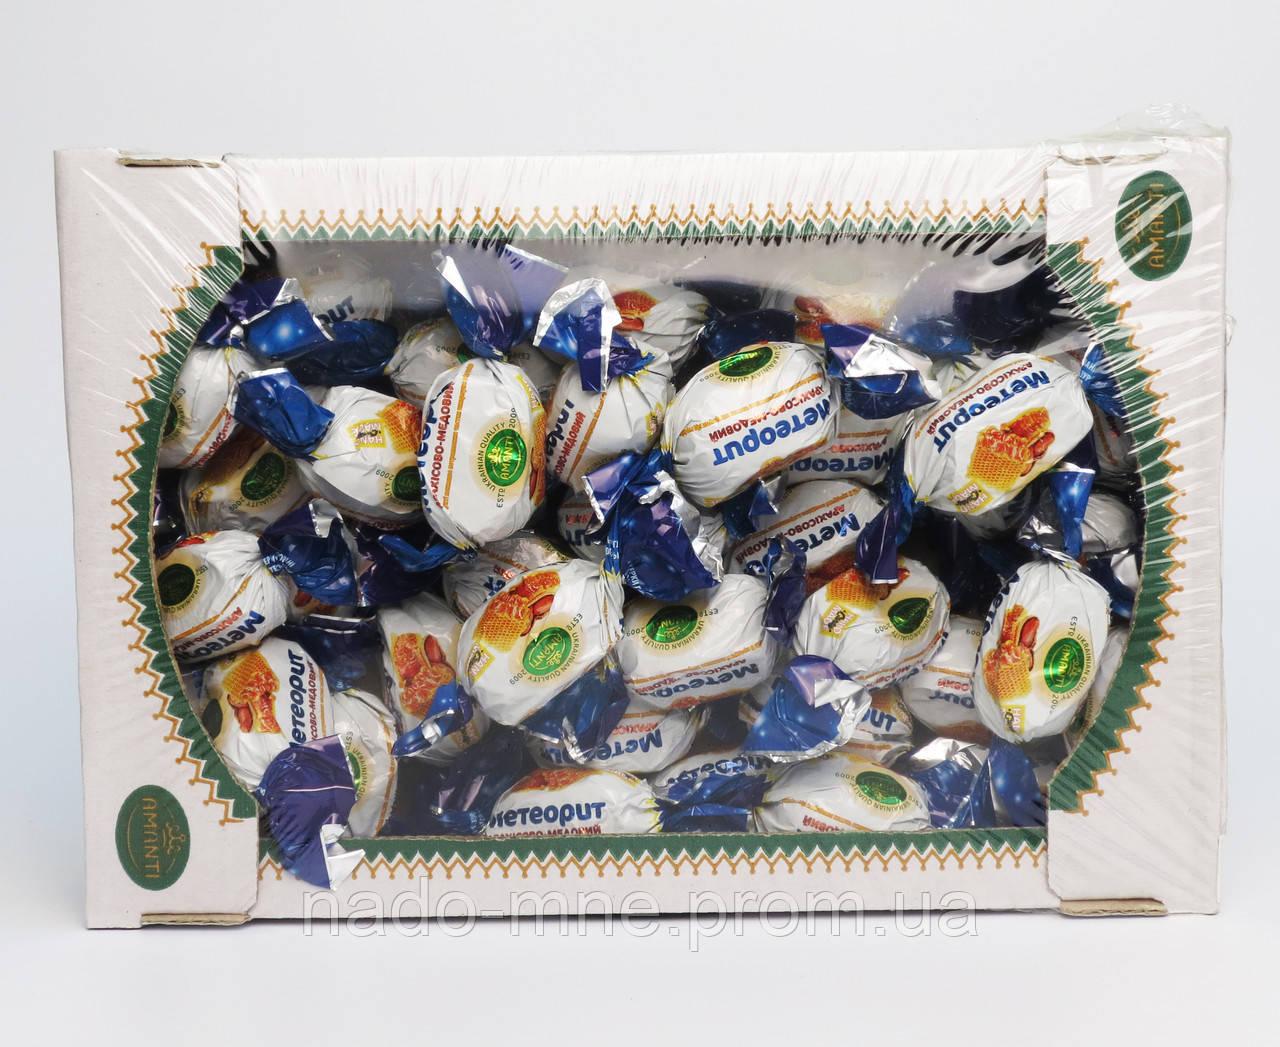 """Конфеты """"Метеорит с арахисом и медом"""", Amanti, Украина, 1 кг."""